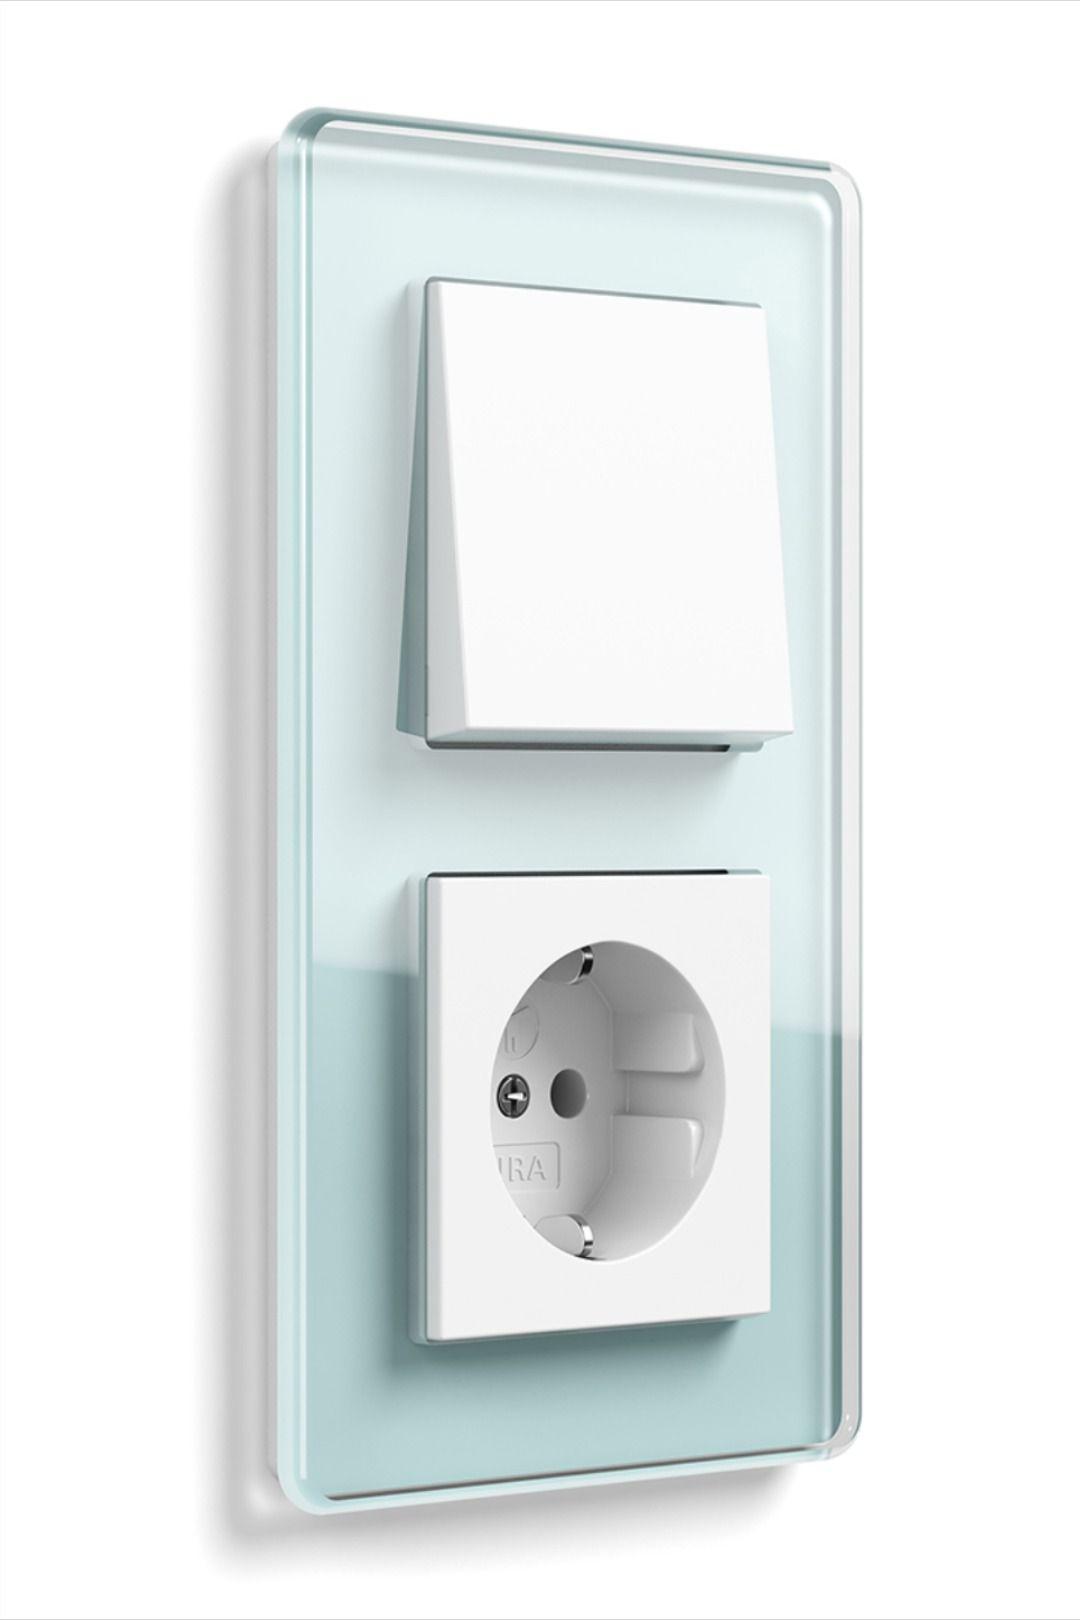 Lichtschalter aus Glas   Steckdosen und lichtschalter ...